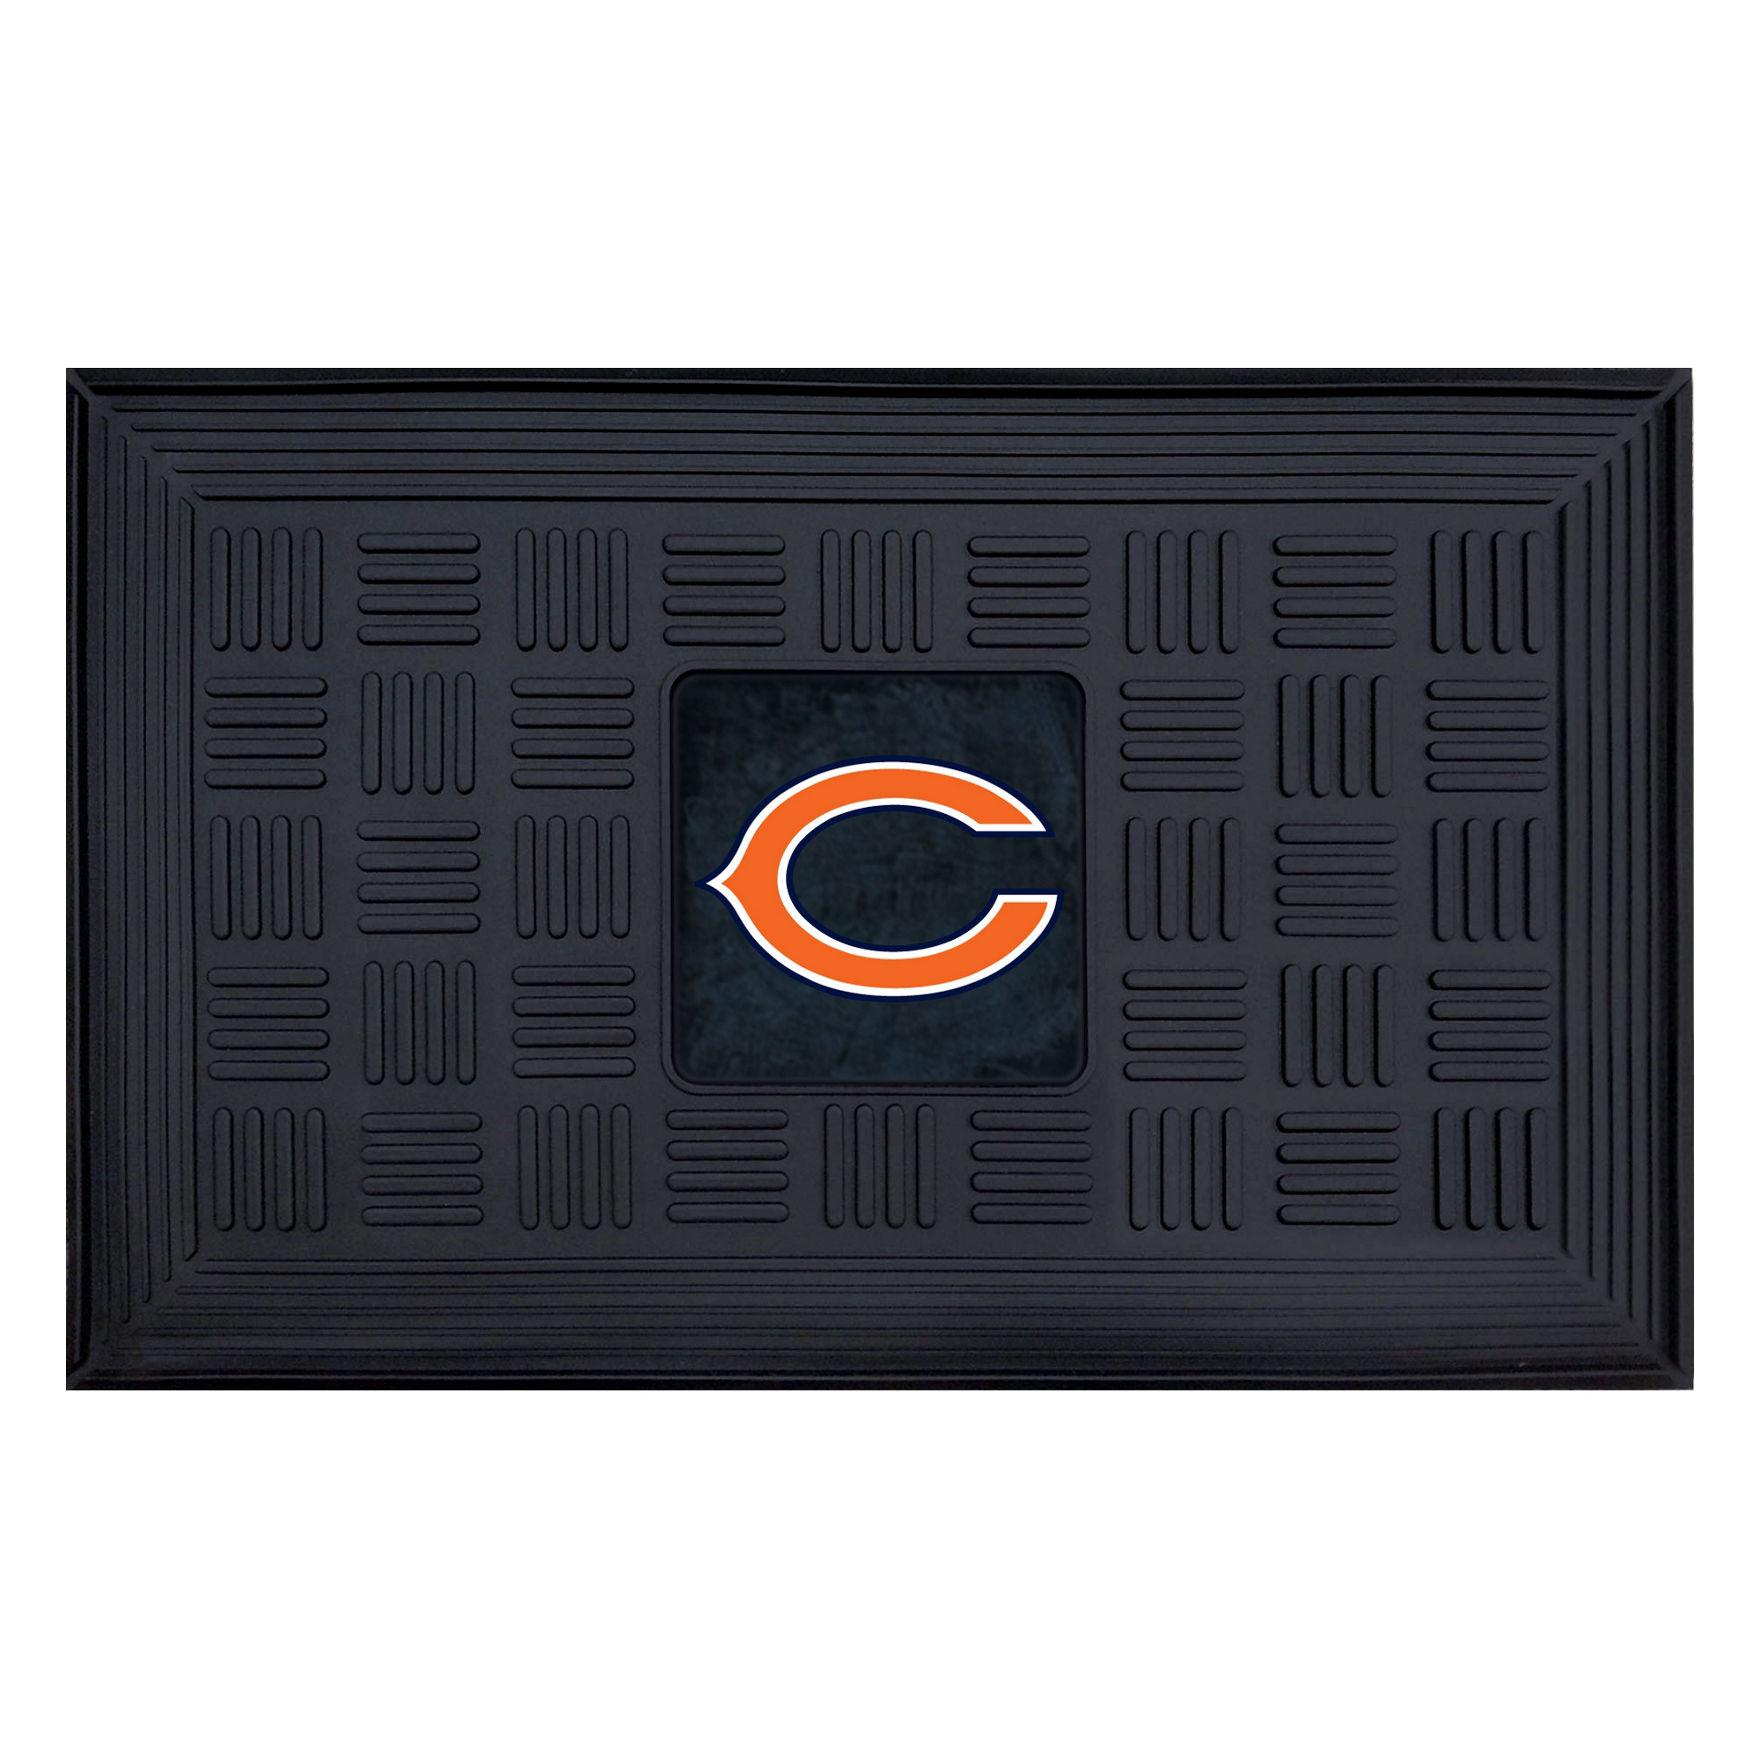 Fanmats Black Outdoor Rugs & Doormats NFL Outdoor Decor Rugs